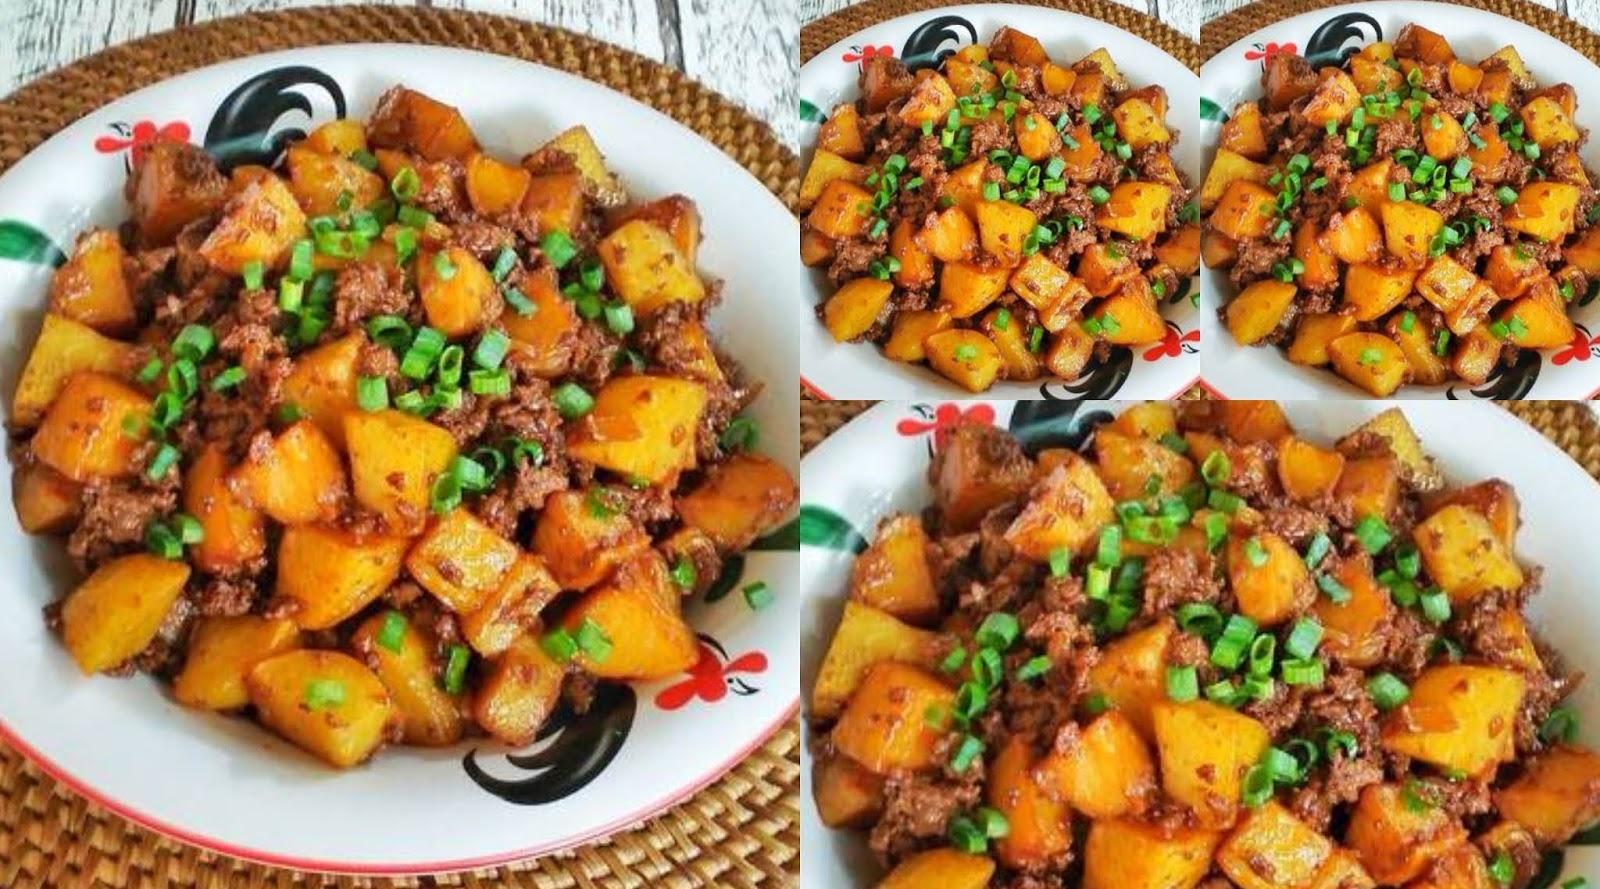 tumis kentang daging sapi cincang  susan mellyani resep masakan ikan Resepi Gulai Kambing Aceh Enak dan Mudah